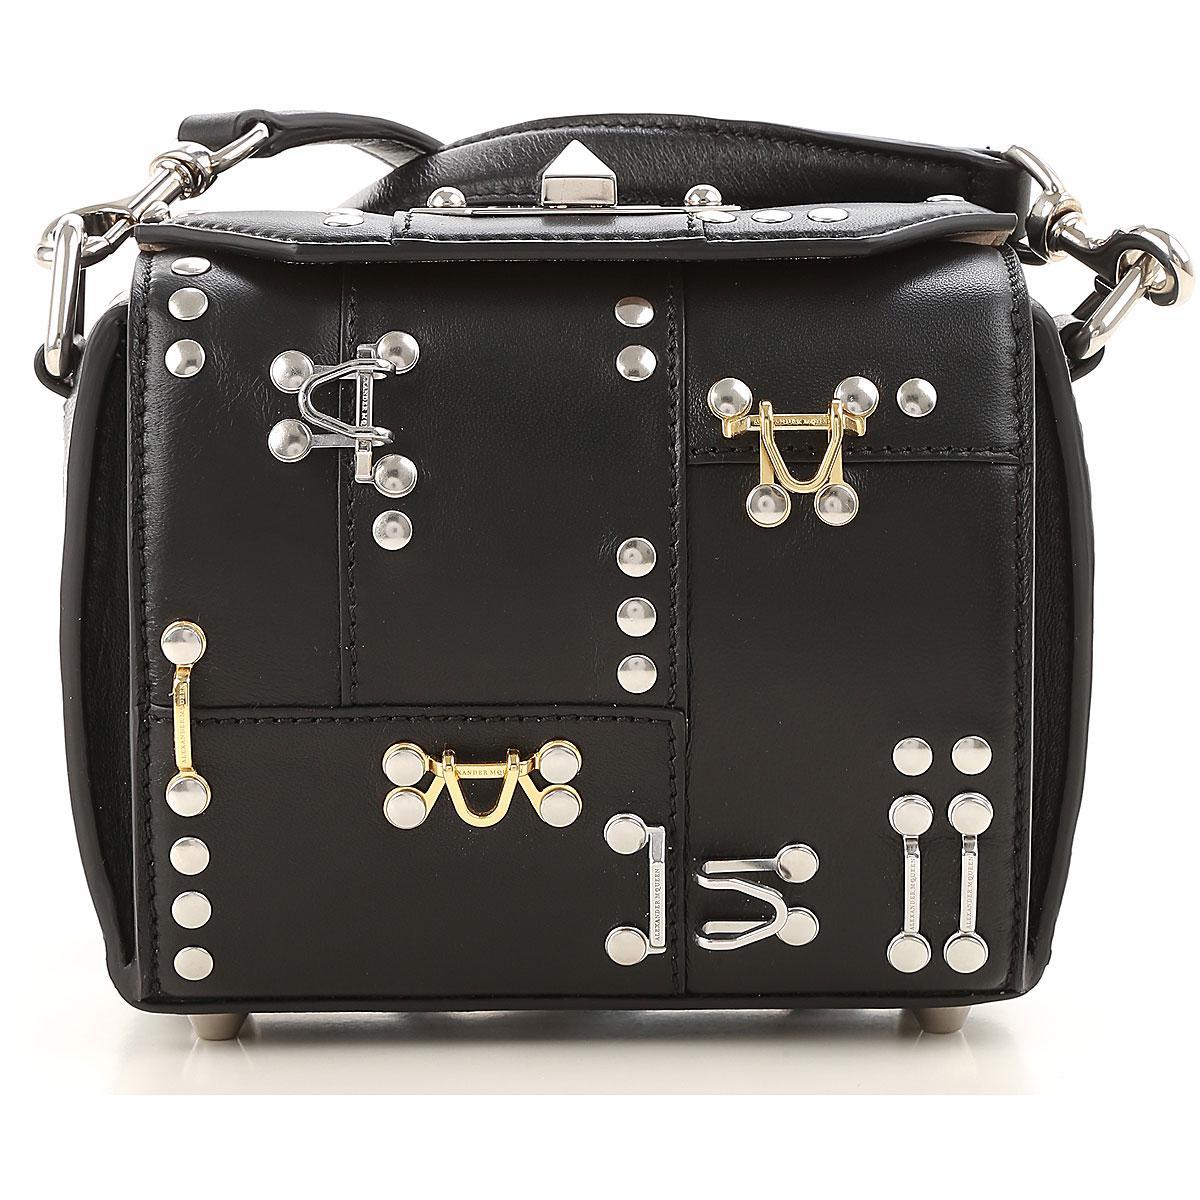 LOUIS VUITTON Epi Leather Noe Black Shoulder Bag - Sale